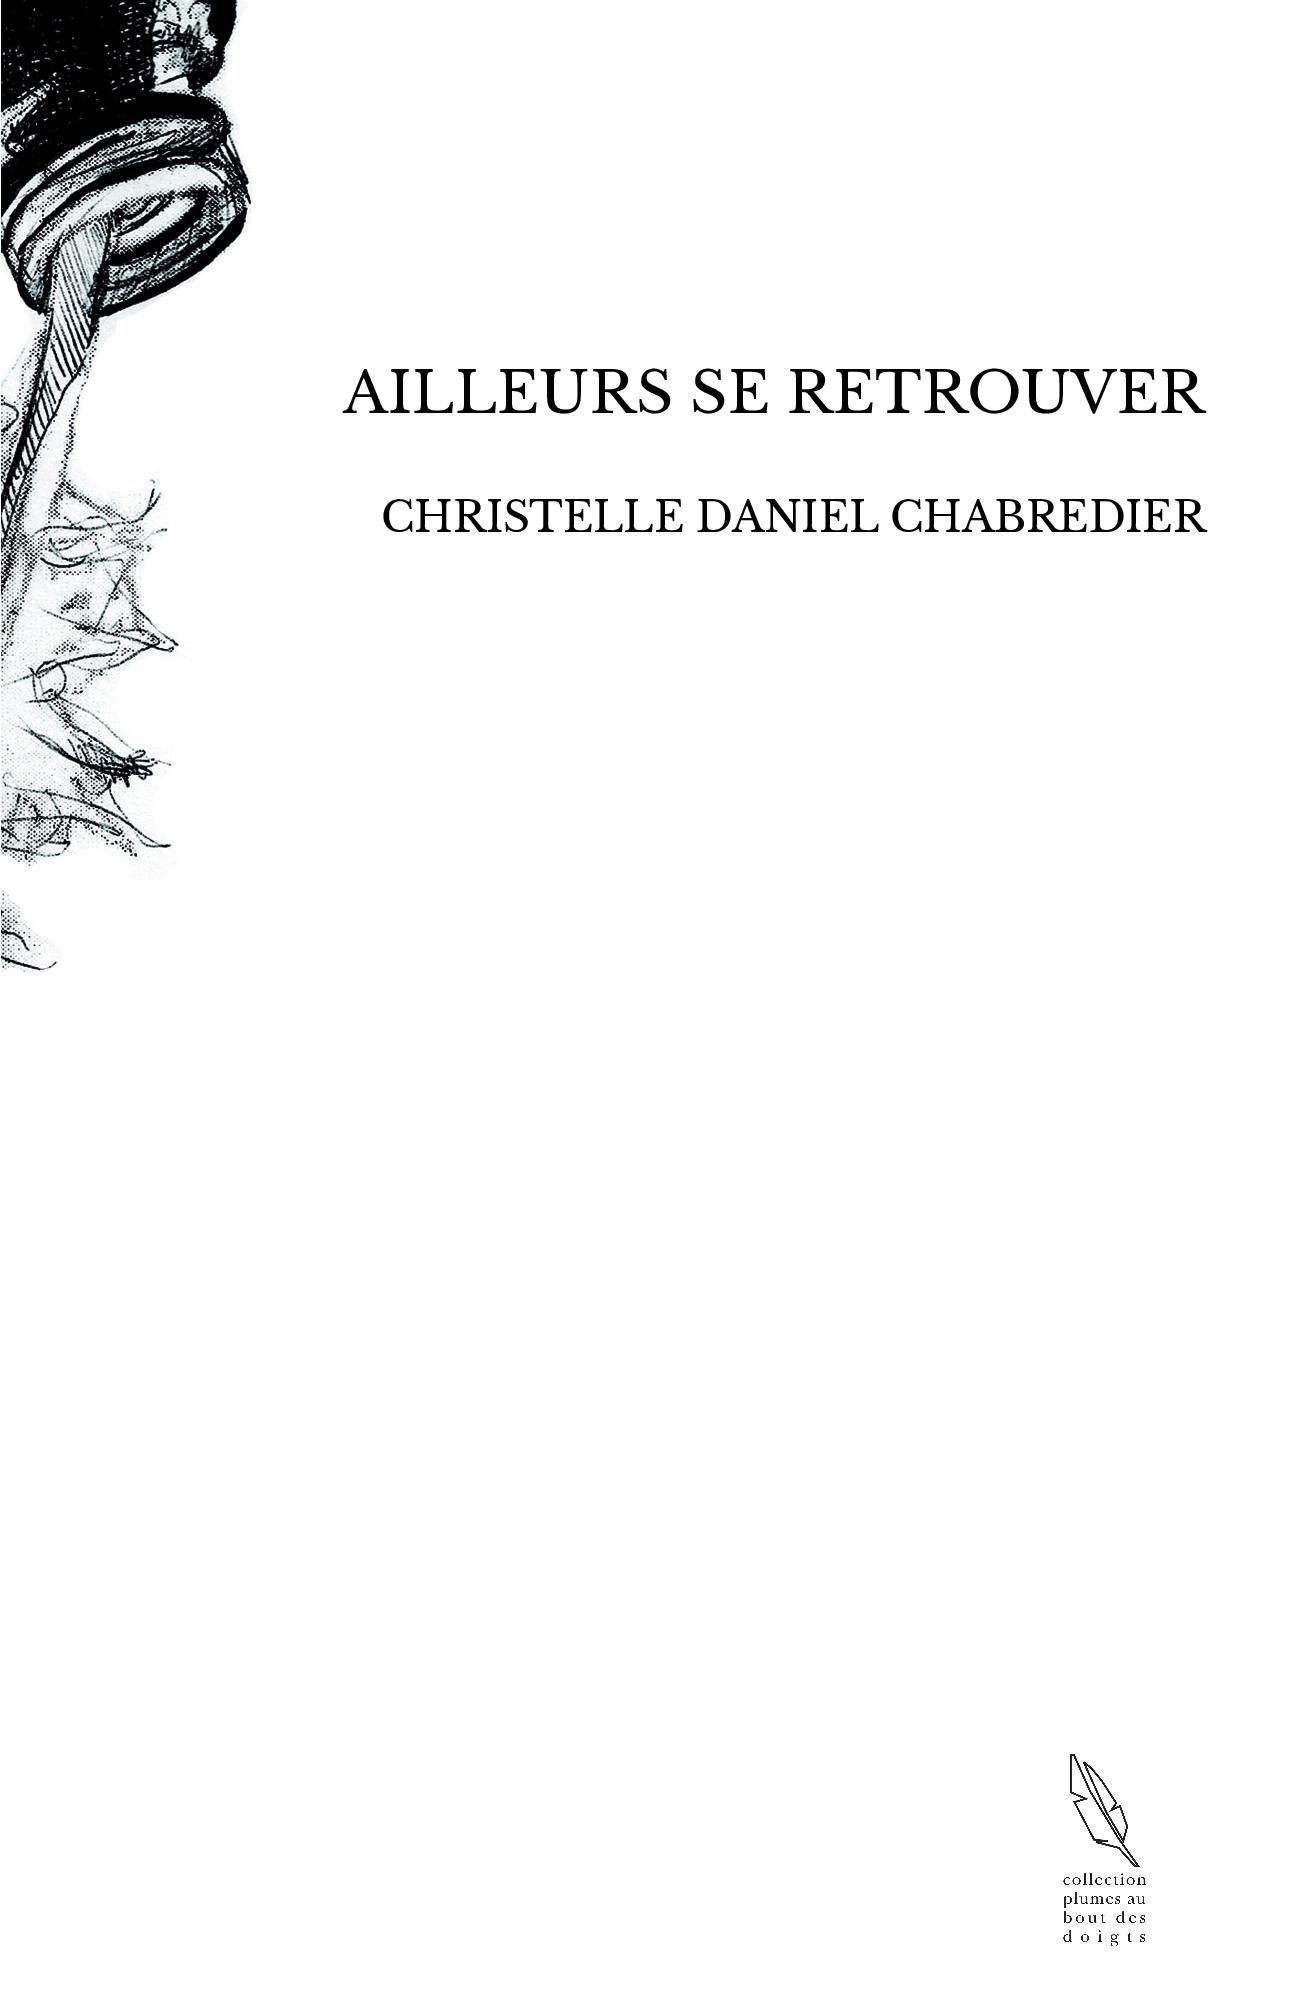 AILLEURS SE RETROUVER